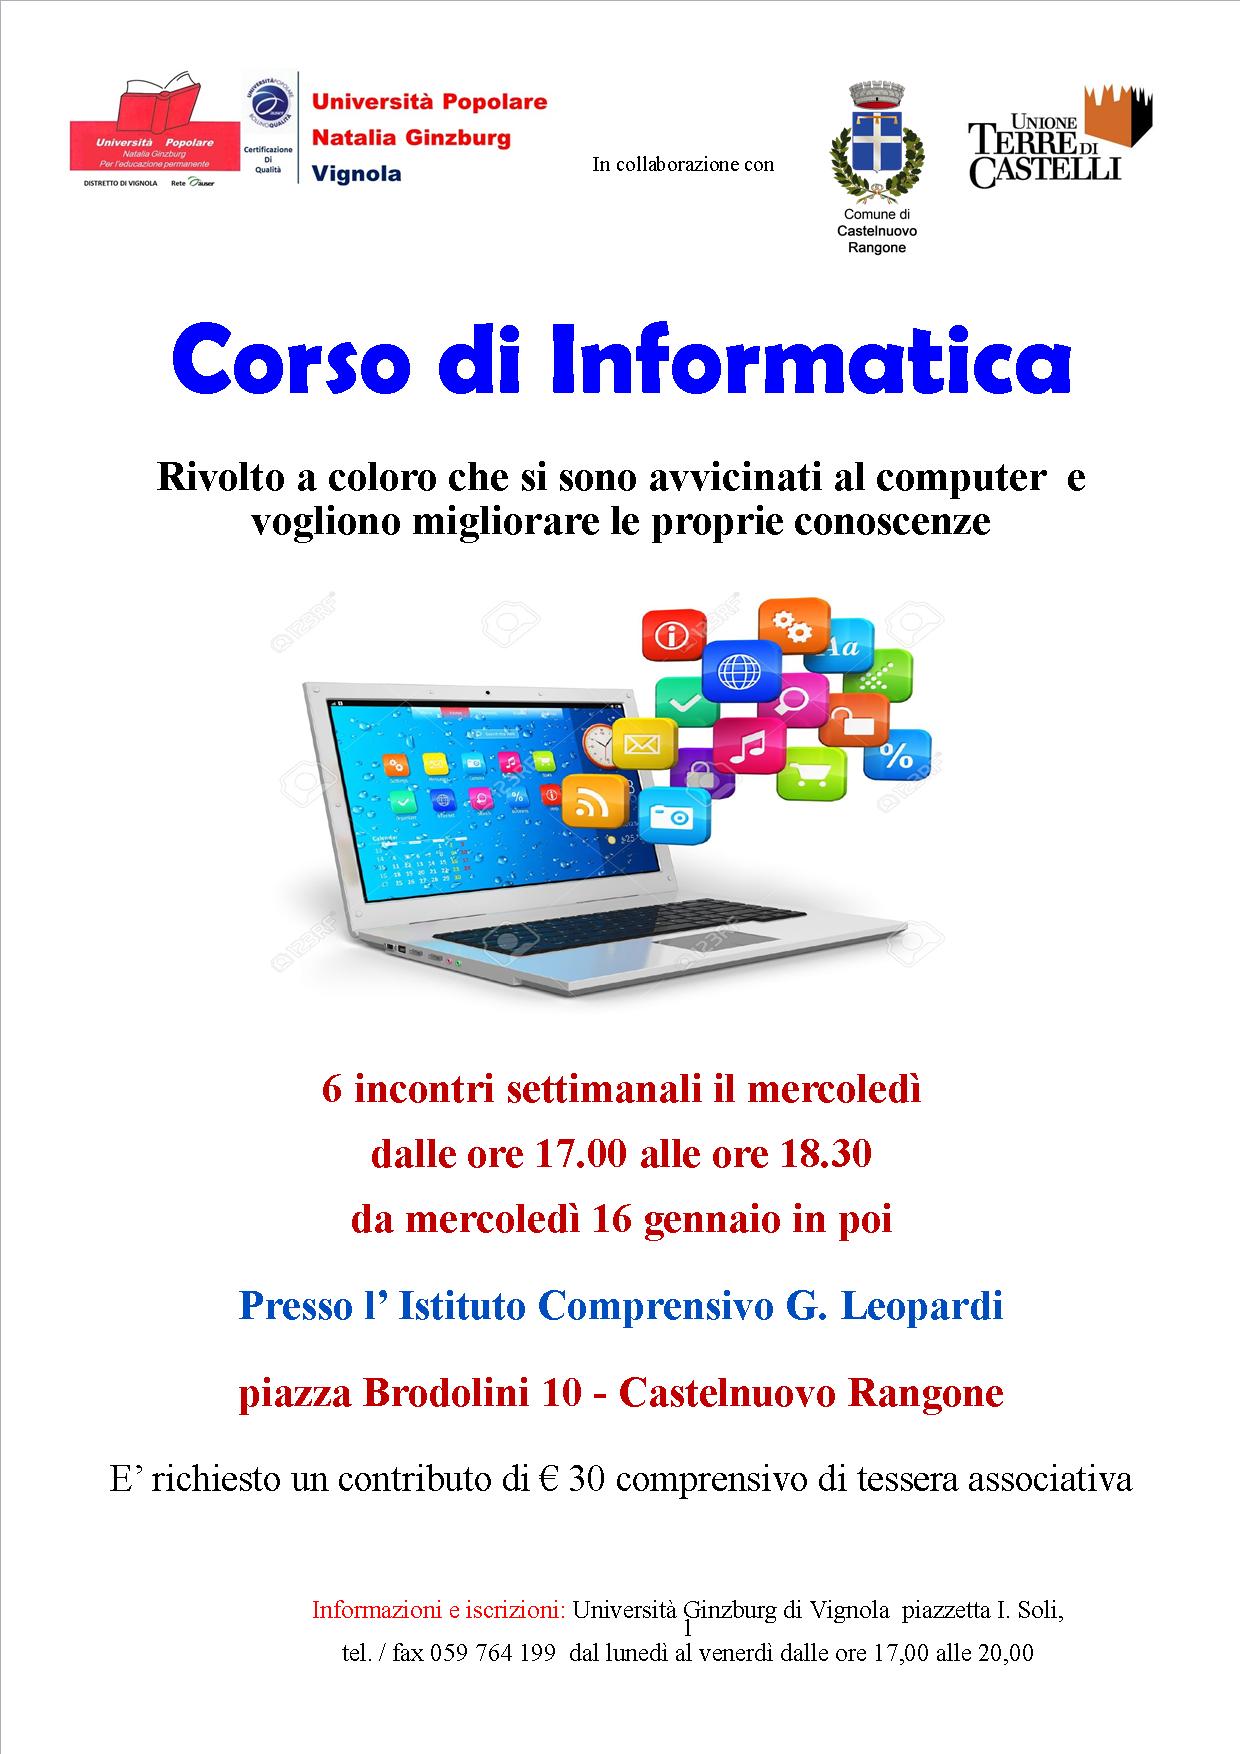 Corso di Informatica Castelnuovo Rangone